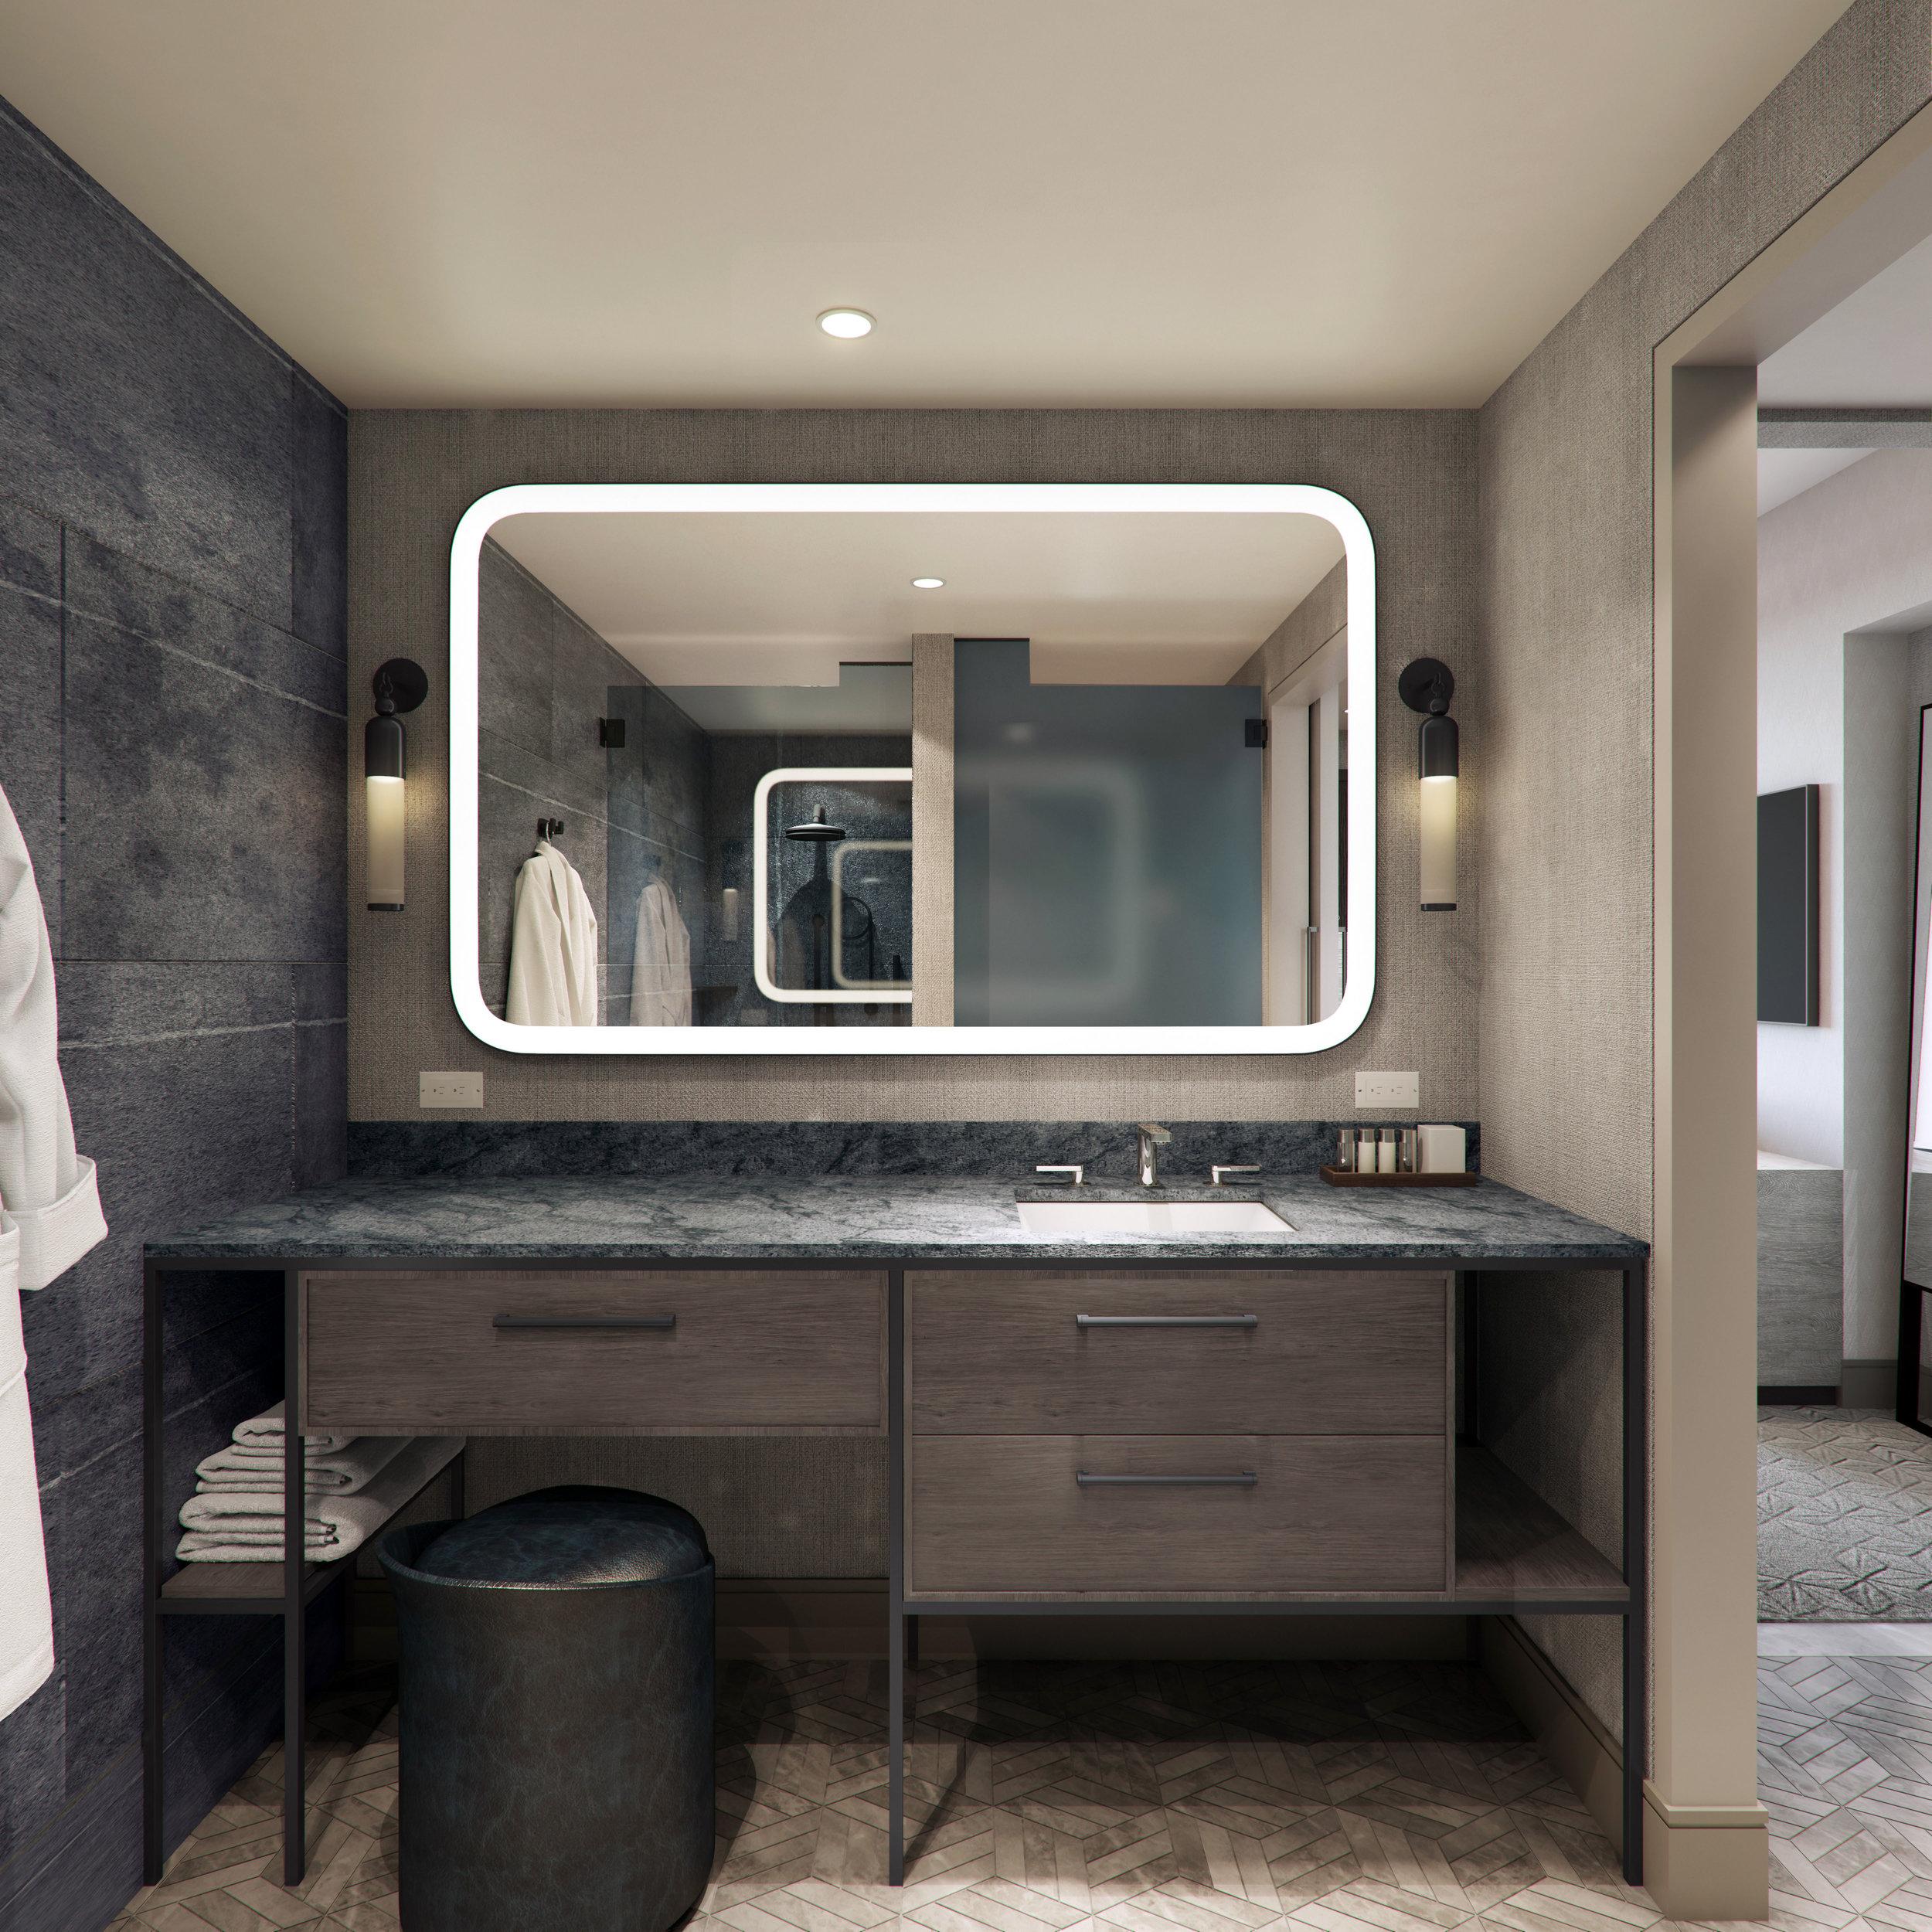 v1_Charlotte_Guestroom STILL opt 1 BATH.jpg